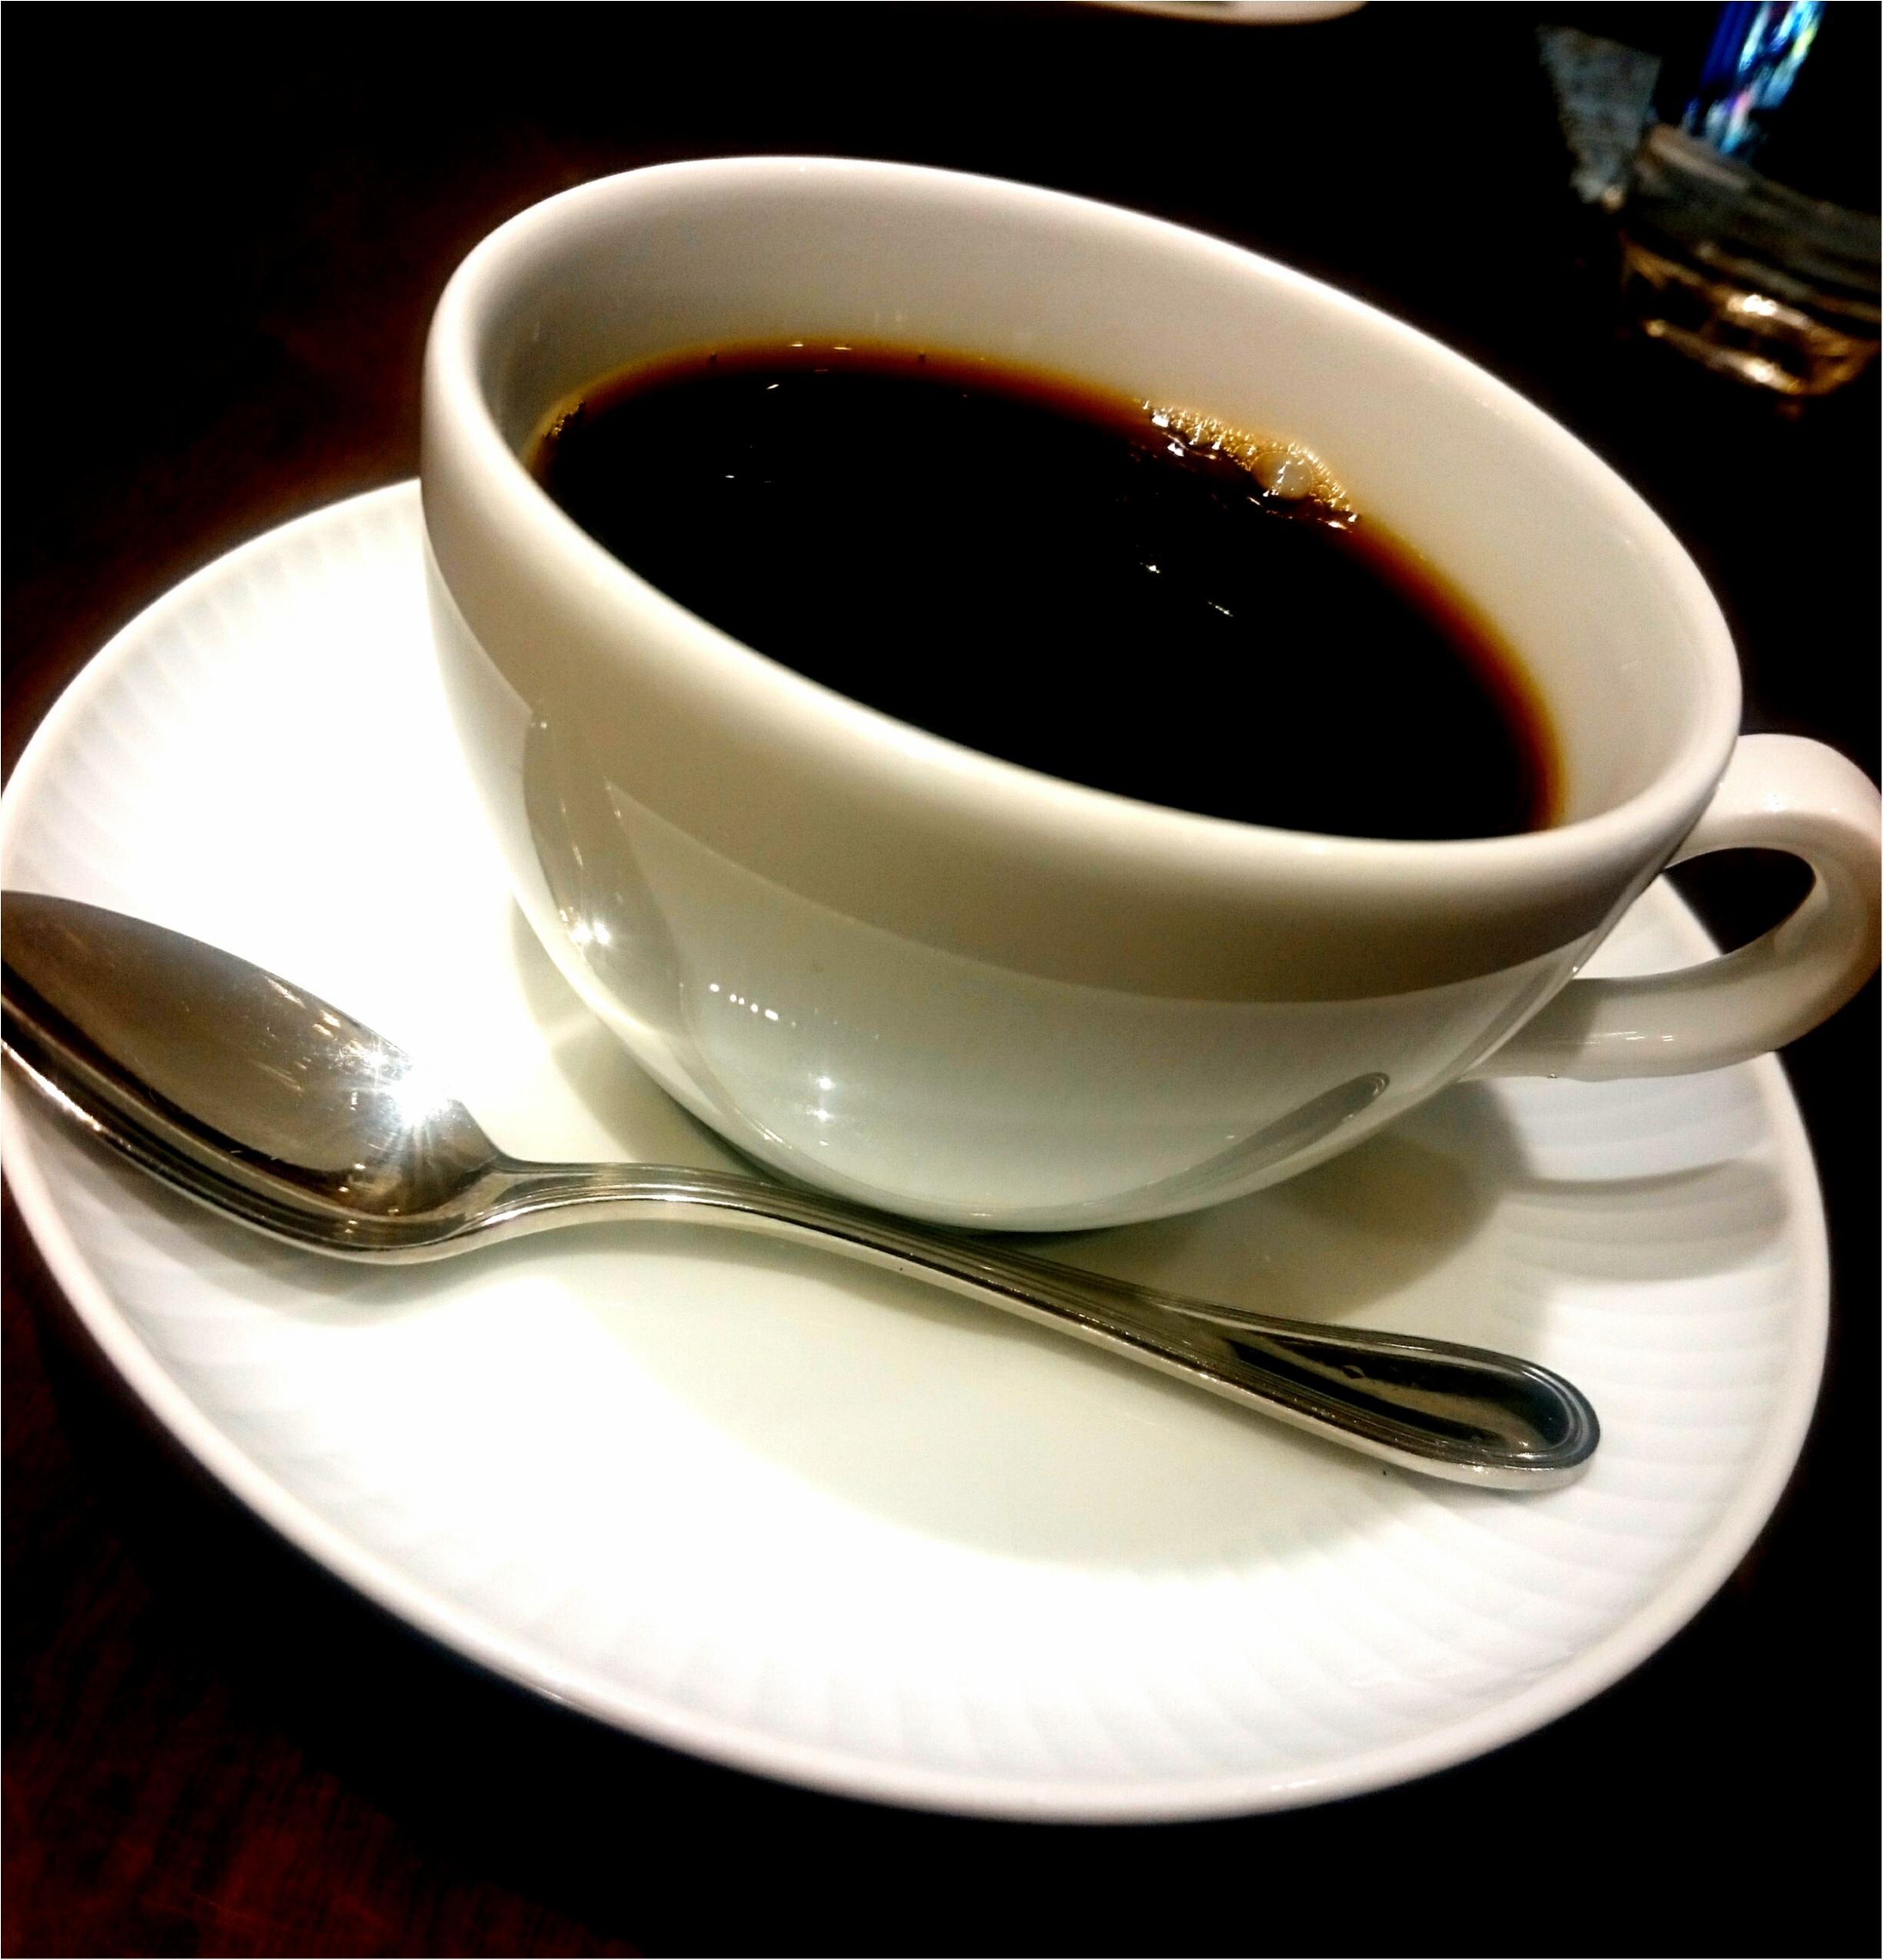 ハーブスはコーヒーならおかわりができる!お気に入りのケーキ屋さん_3